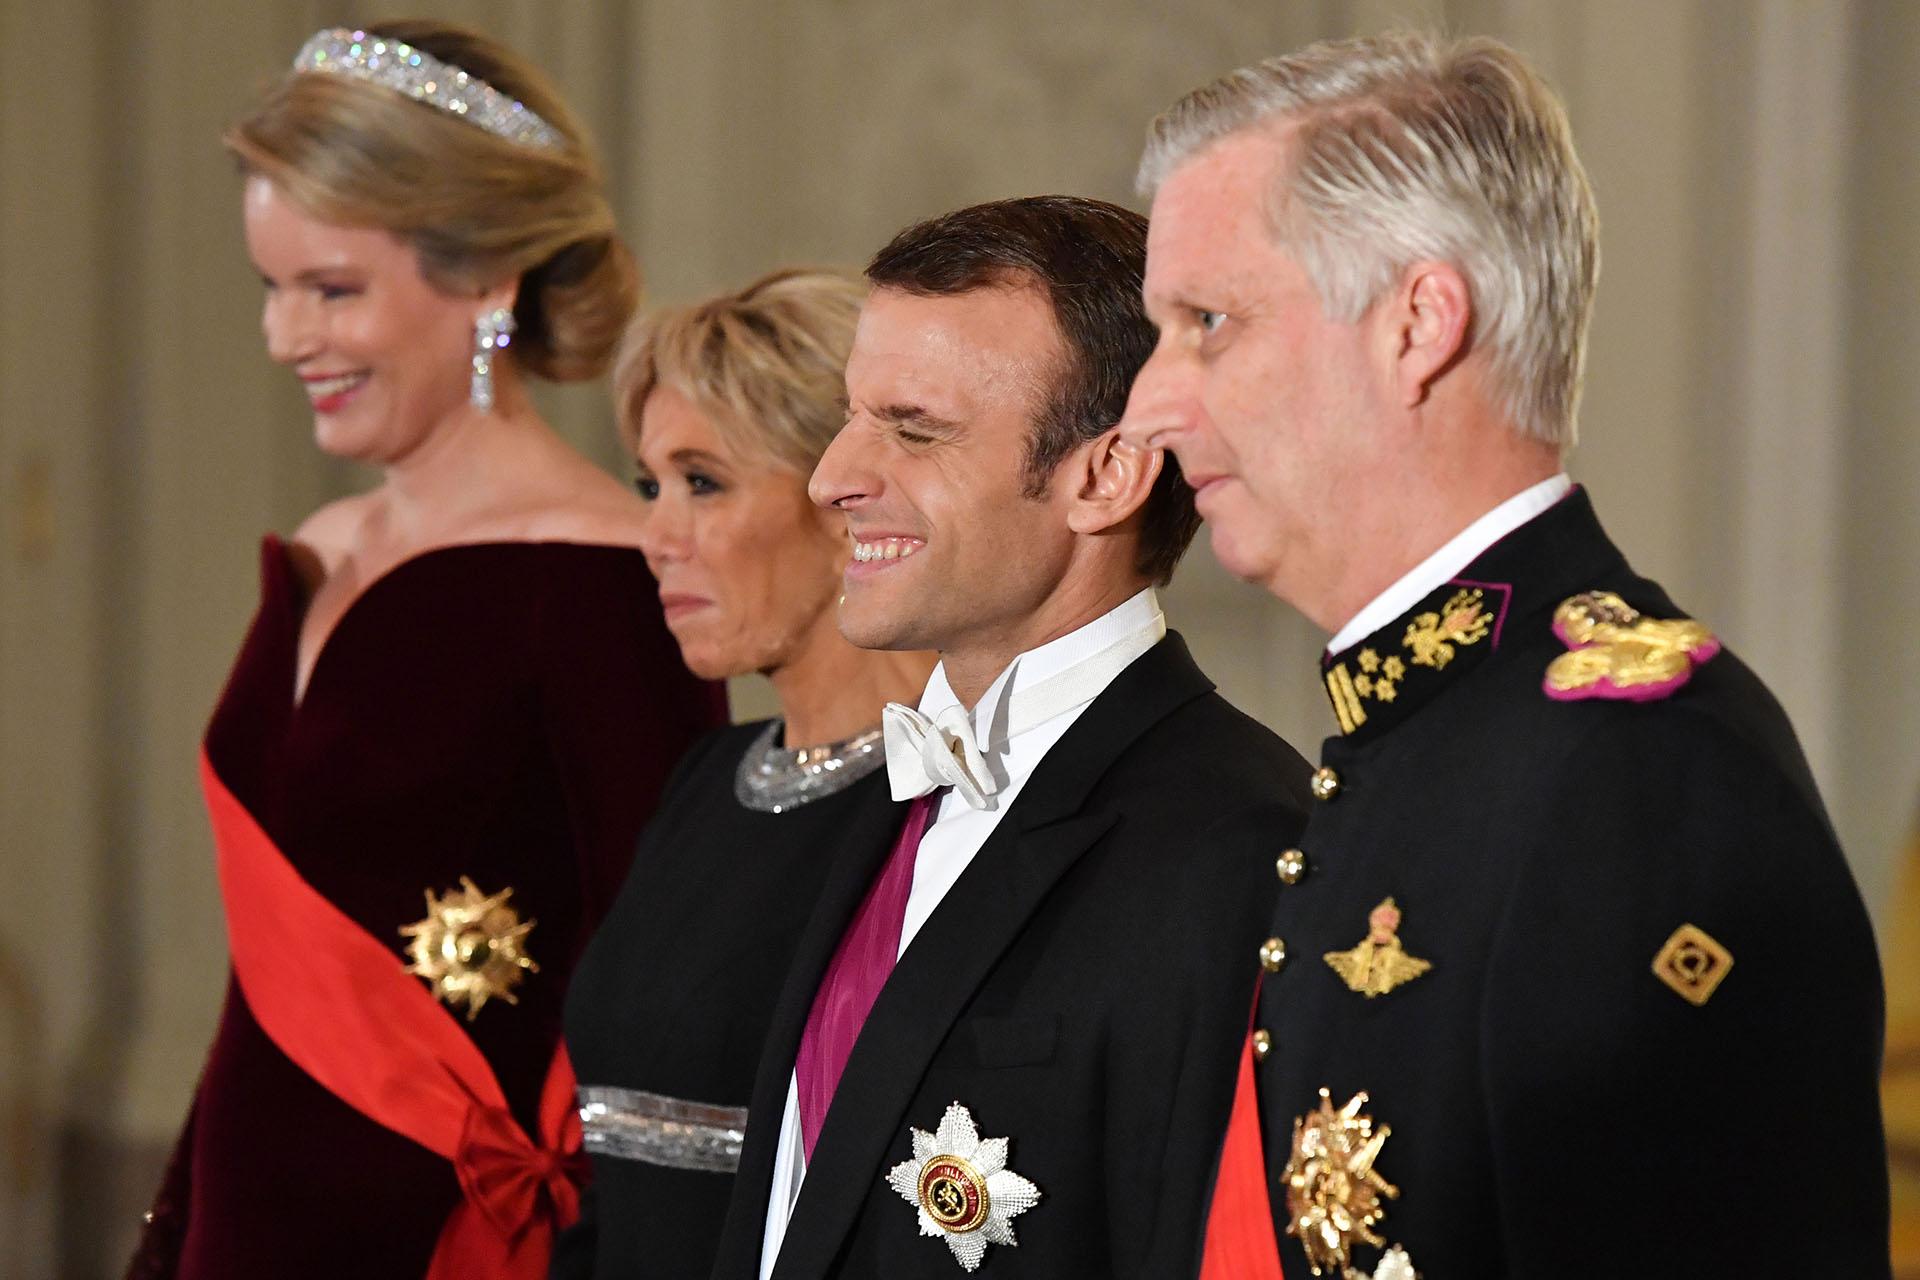 Por la noche, ambos matrimonios se vistieron de rigurosa etiqueta para la cena de gala en el Palacio Real, en Laeken